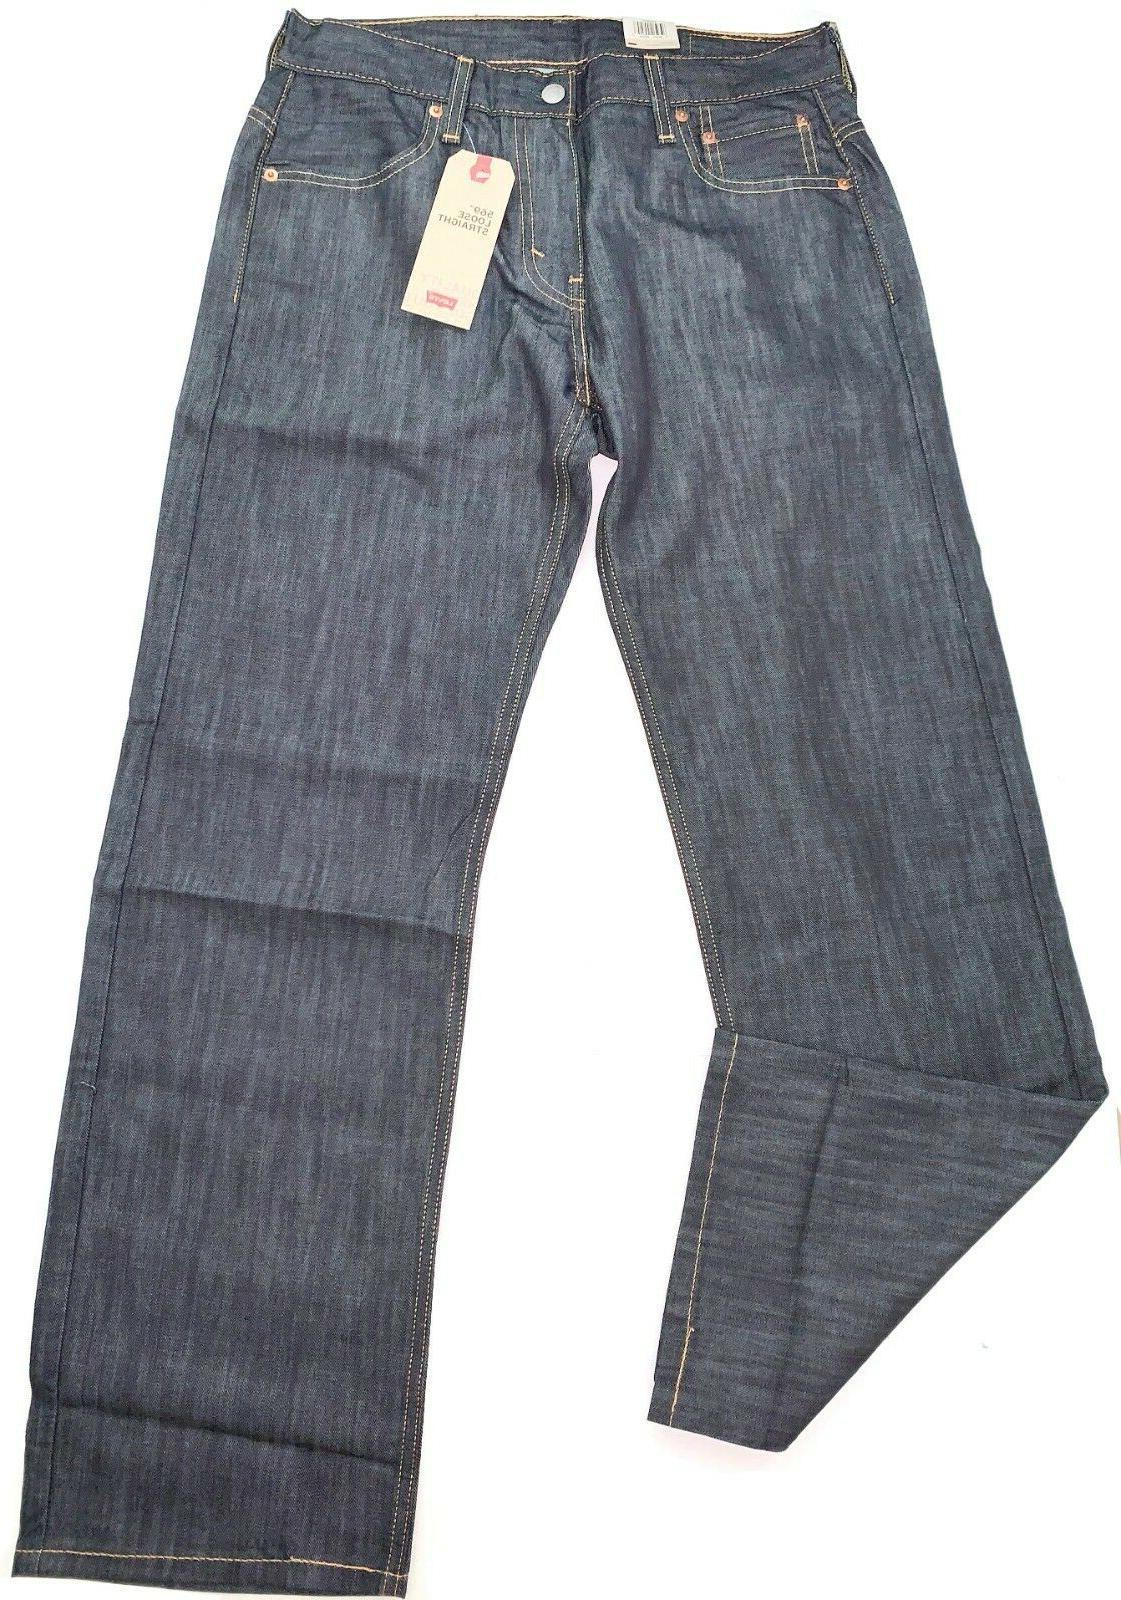 Levi's Jeans Men's Loose Fit Leg Jeans Pants Select Size